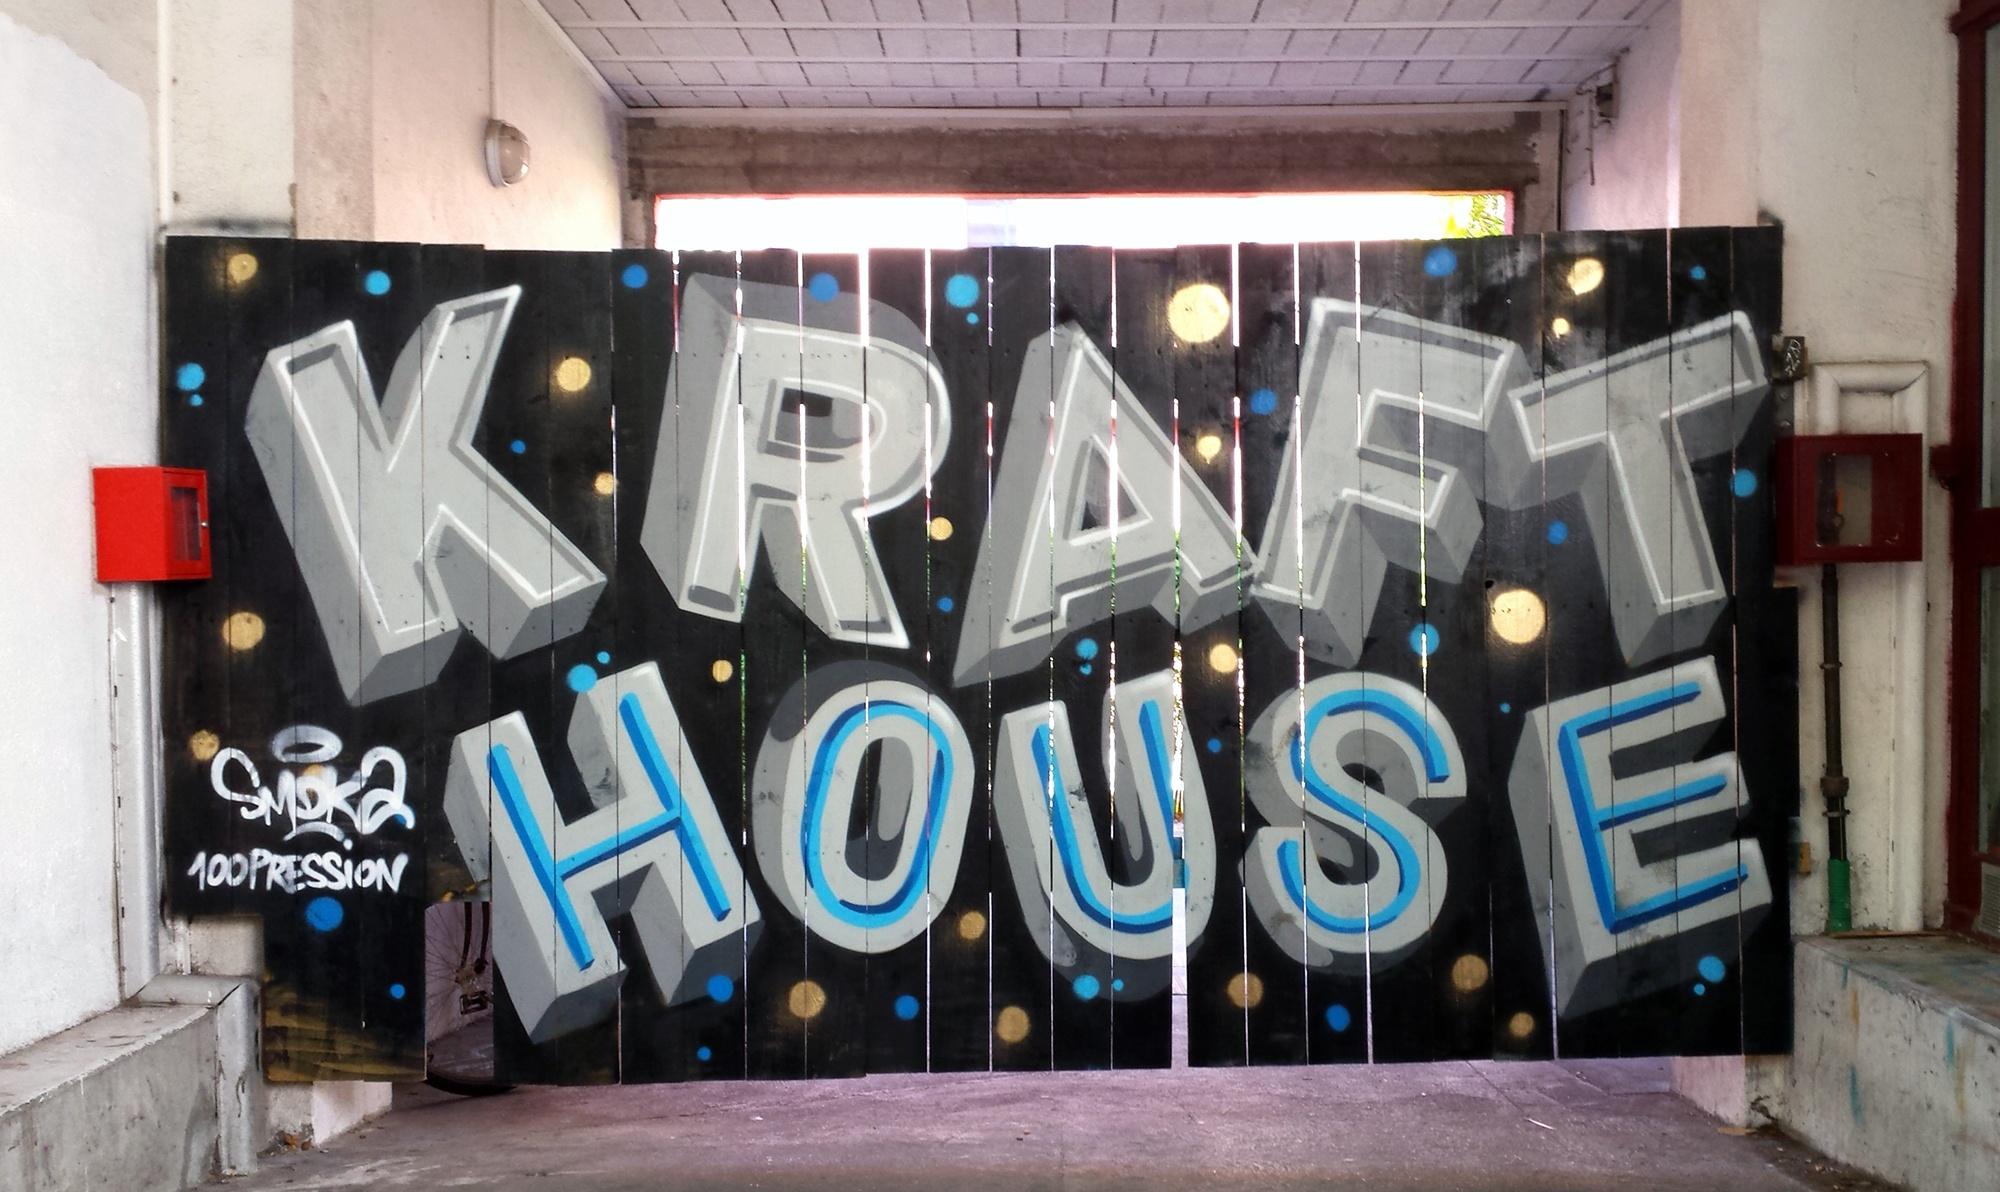 KRAFT HOUSE LETTERING